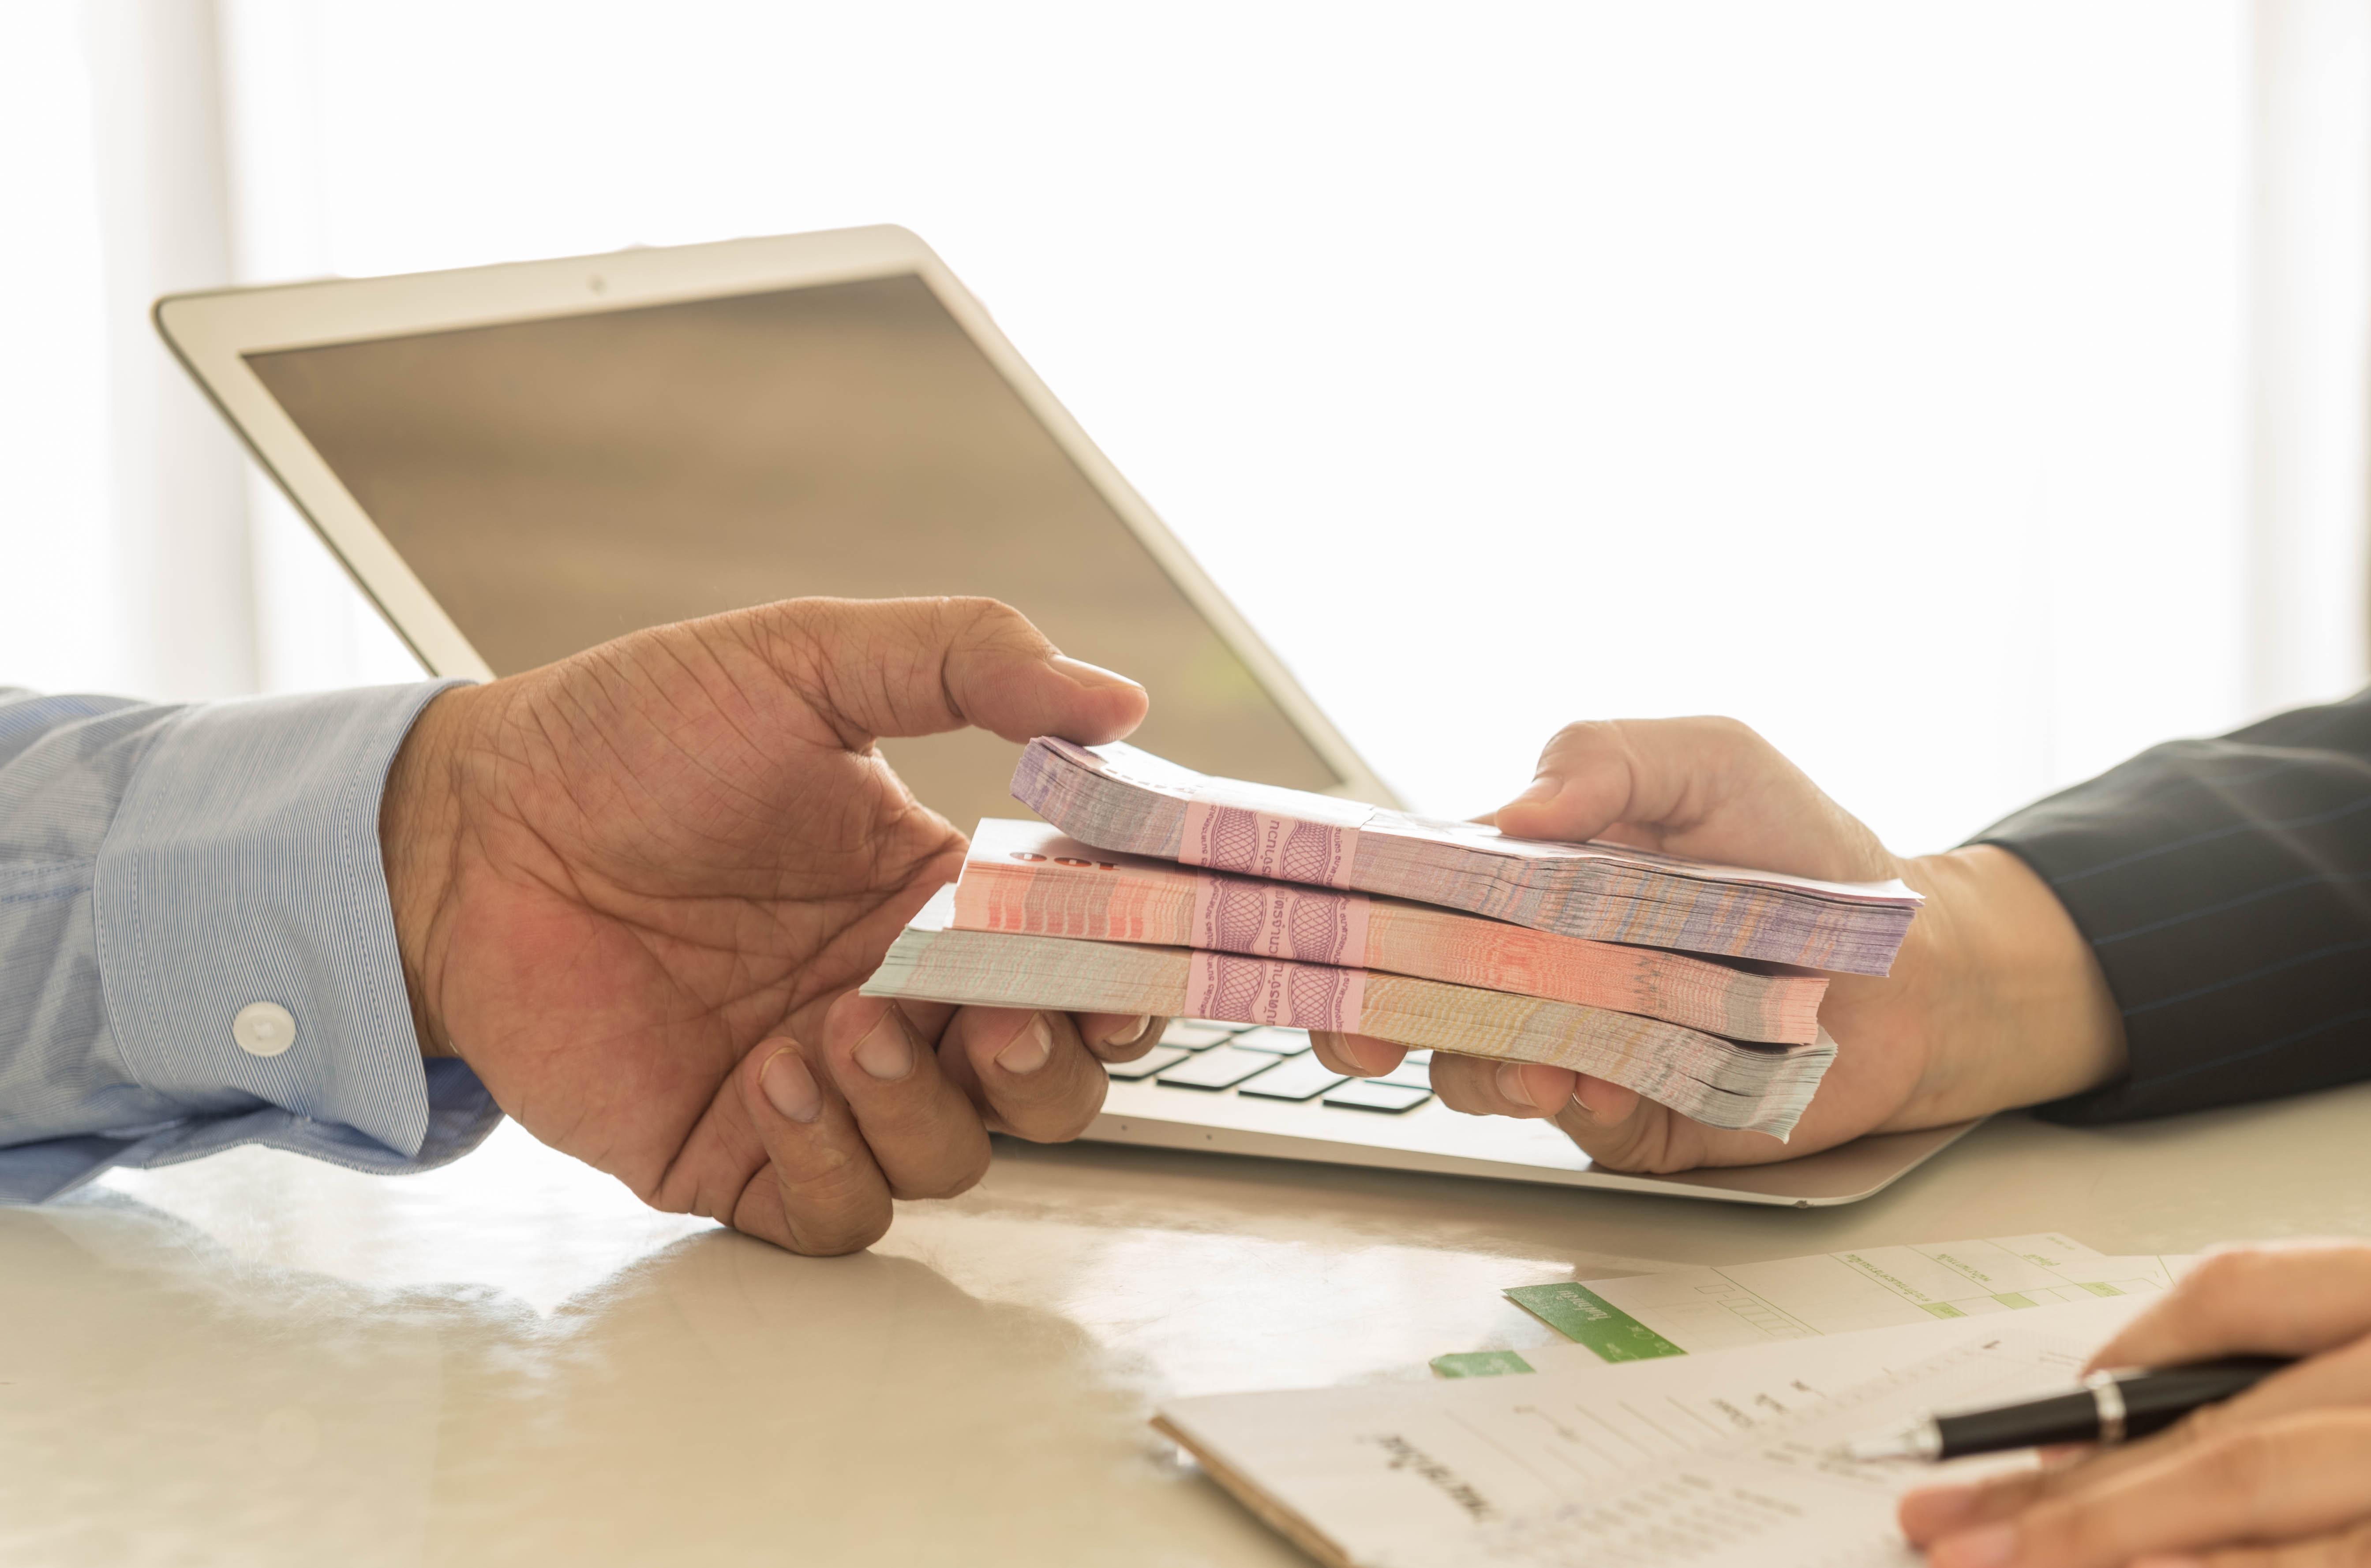 Сбербанк выдаёт кредиты по данным с Госуслуг